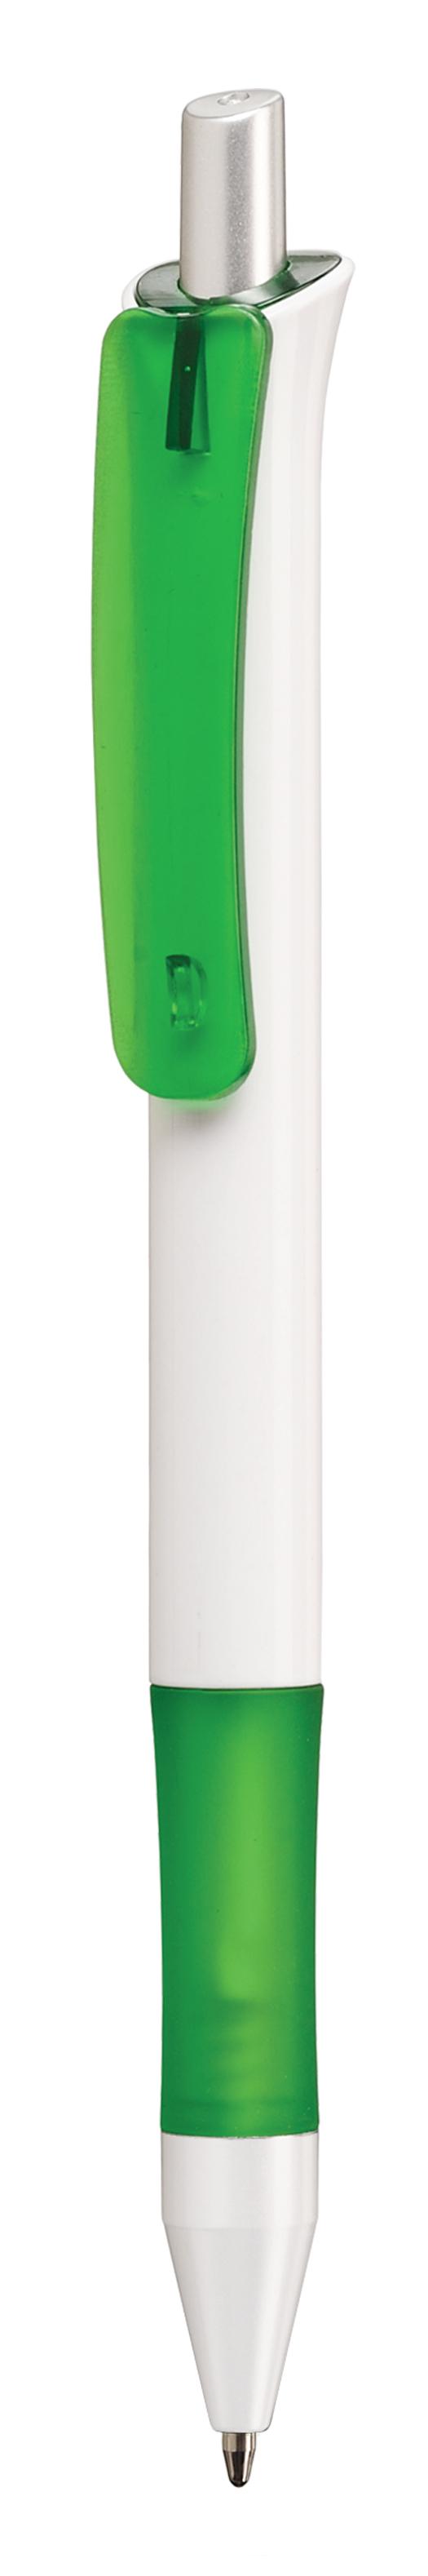 FESTO_WHITE_green